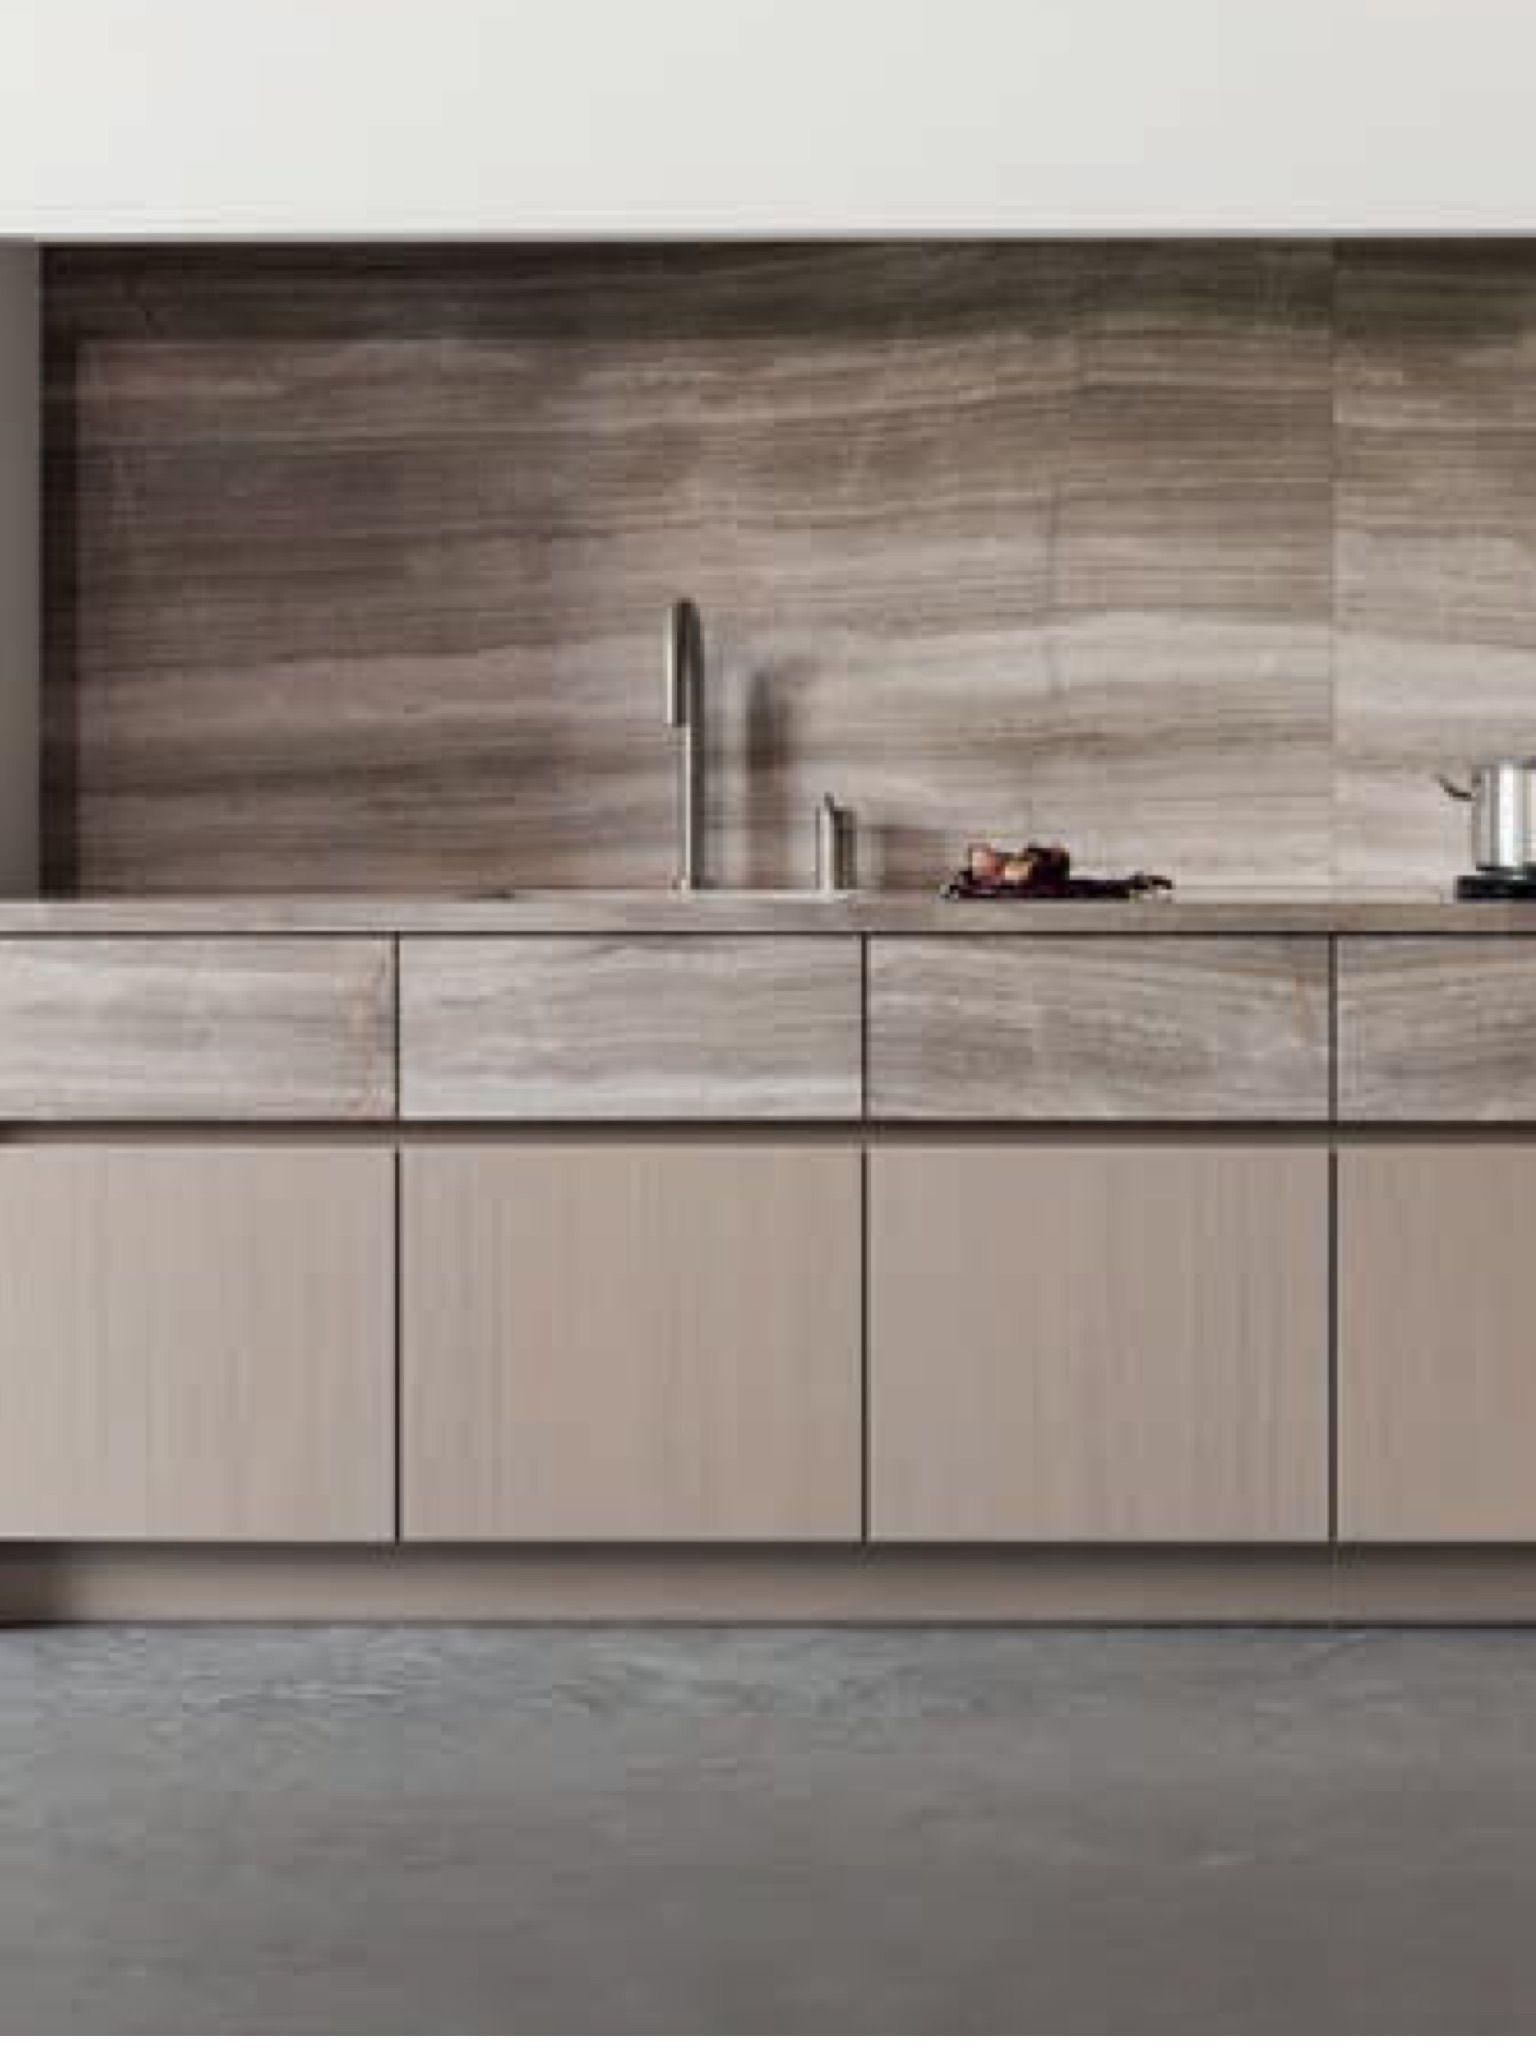 Innenarchitektur für küchenschrank pin von dirk gröne auf mikro housing  pinterest